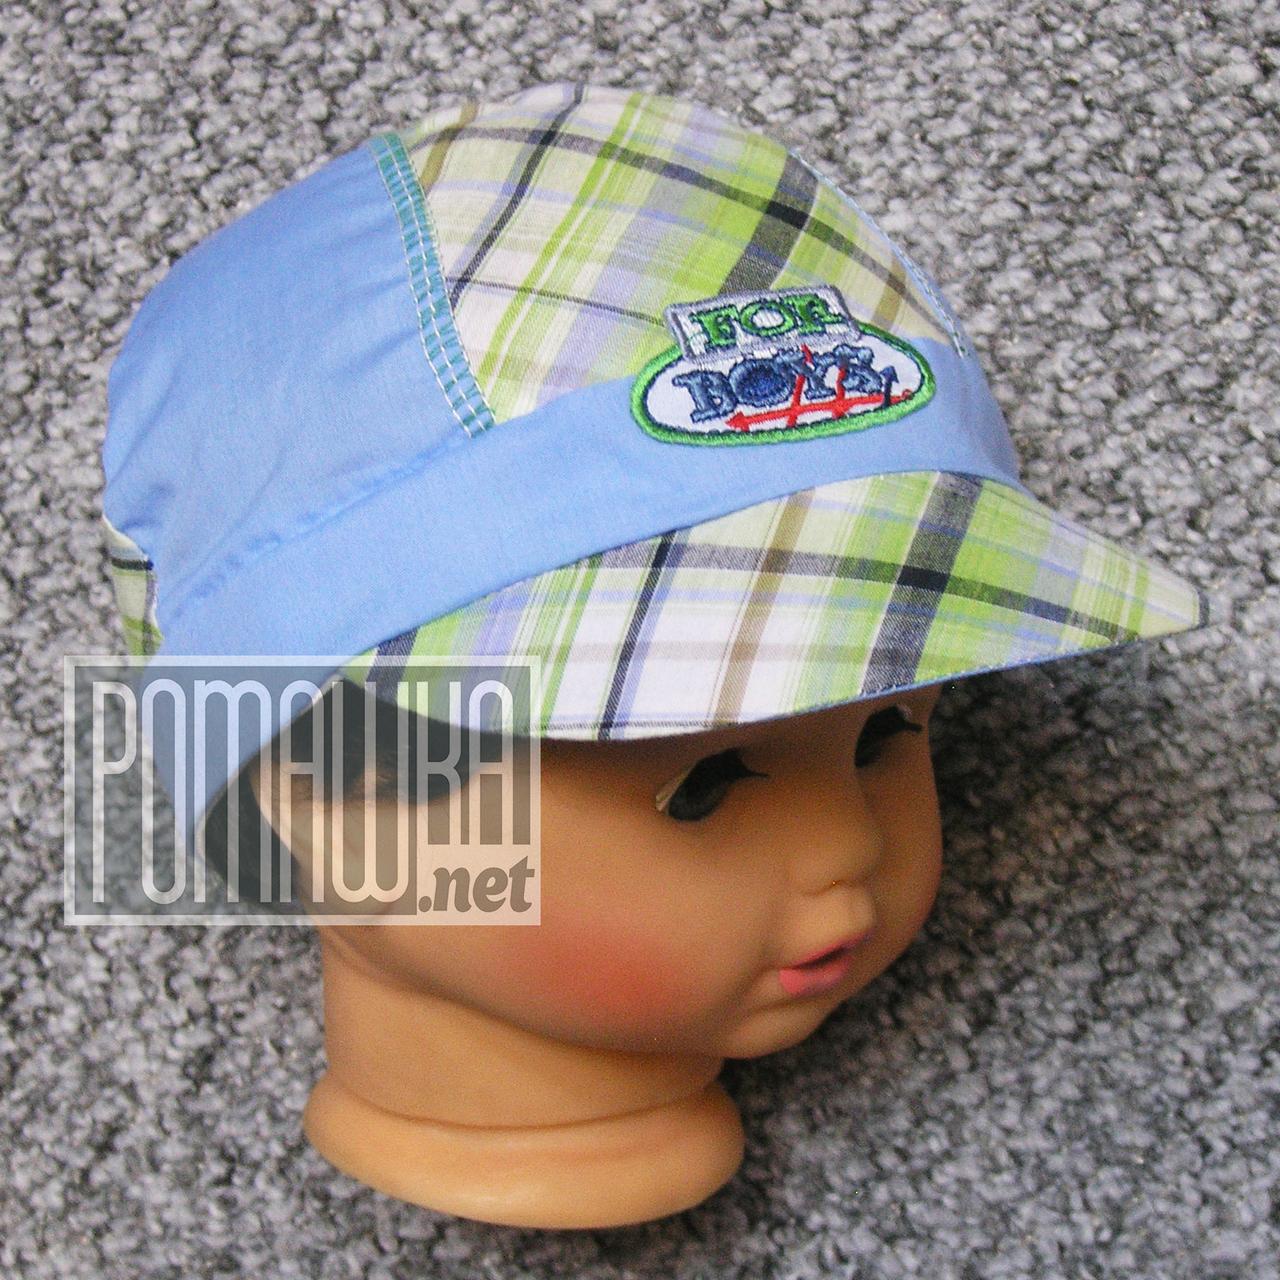 Детская кепка для мальчика р. 48 13-18 мес на лето летняя ТМ Ромашка 4043 Зеленый